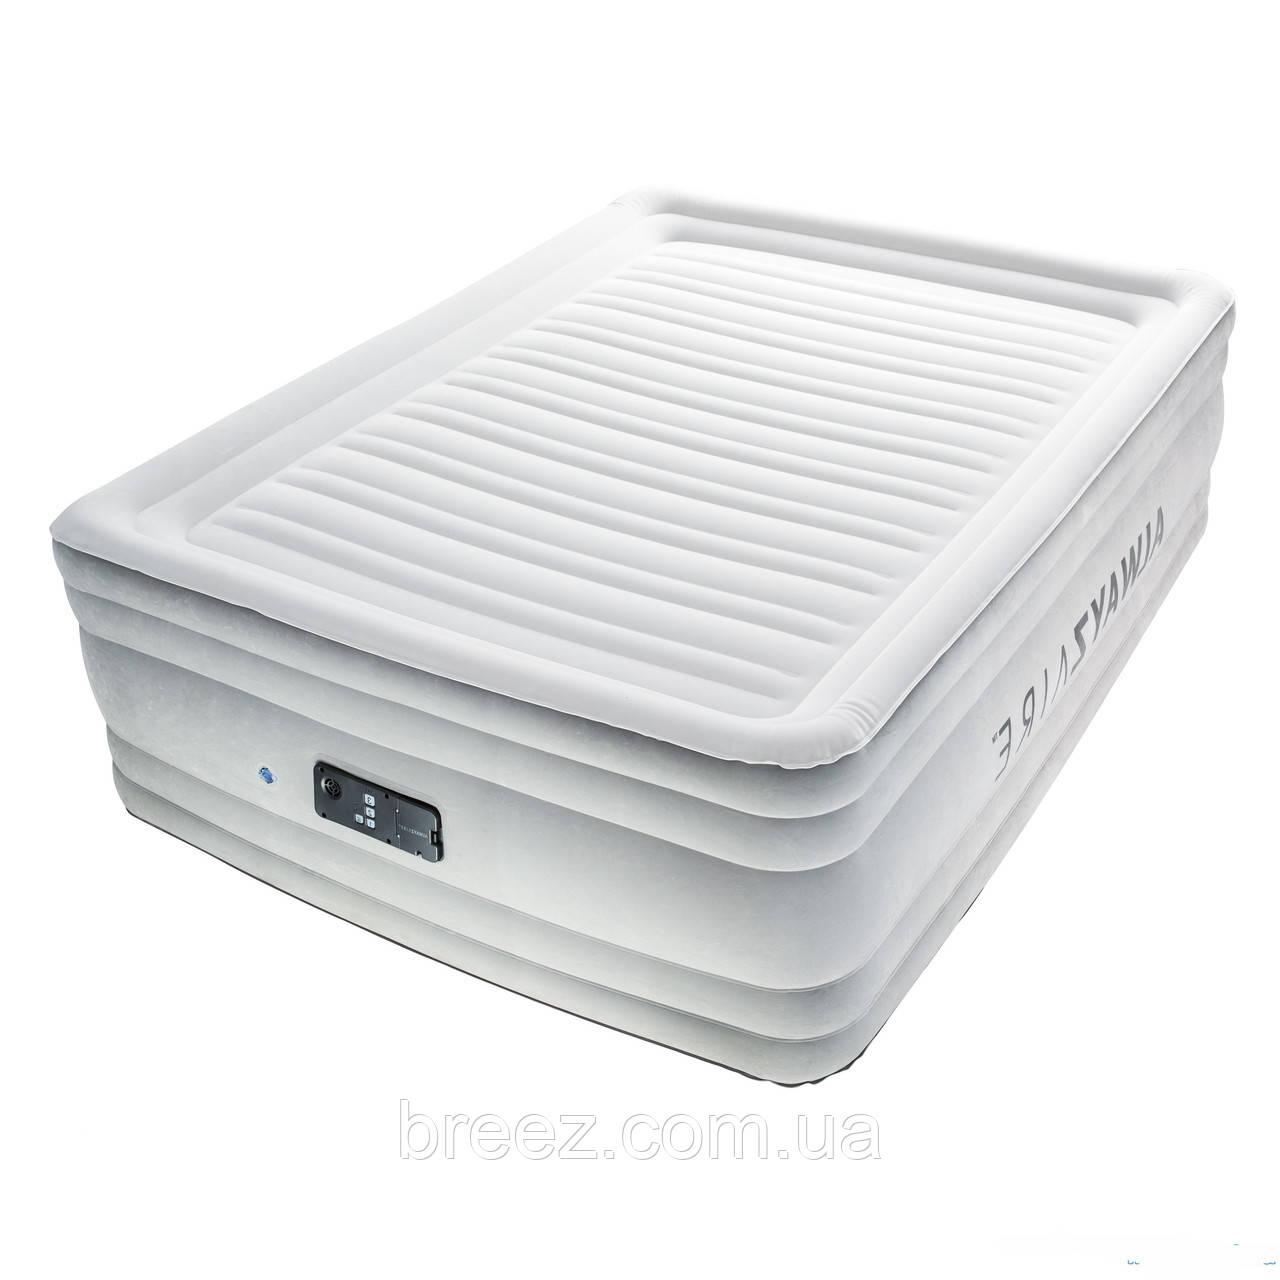 Двухспальная надувная флокированная кровать Bestway 67570, белая,со встроенным насосом 220V, 203 х 152 х 56 см